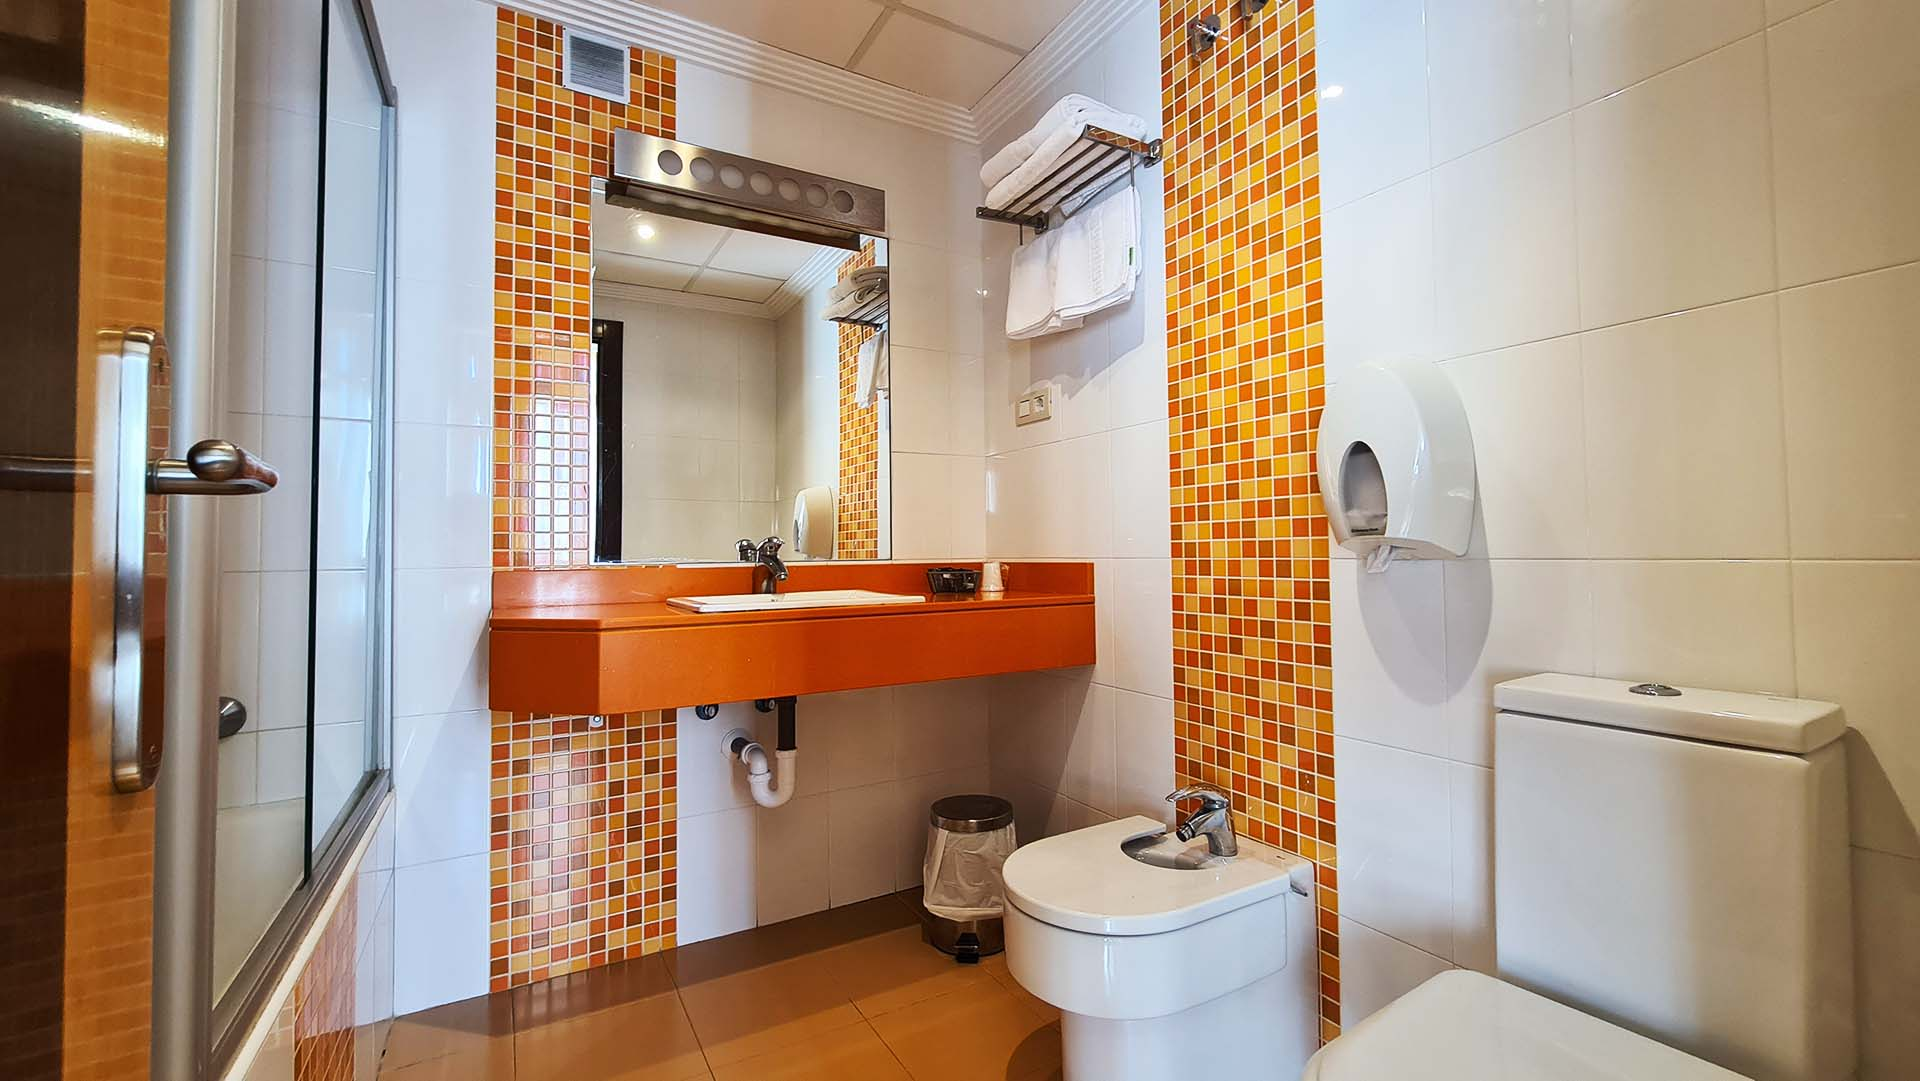 Hotel Restaurante Arenillas - Habitacion Doble